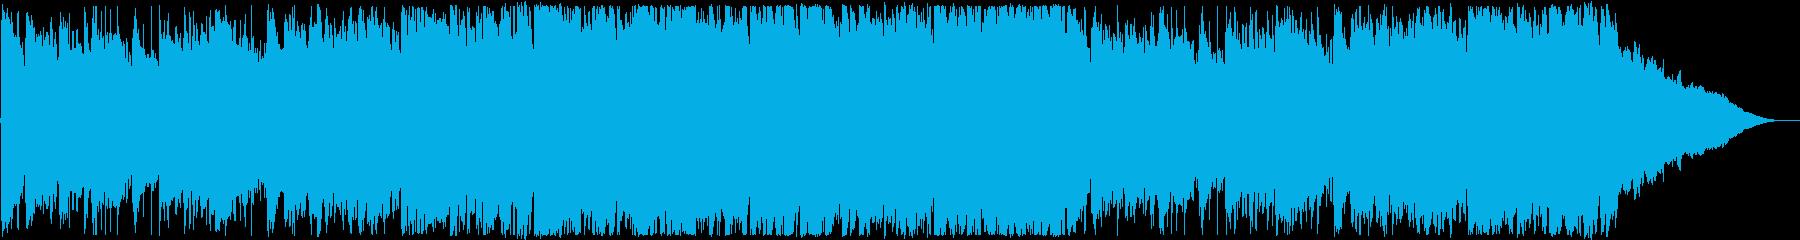 オープニング・優しいポップスの再生済みの波形